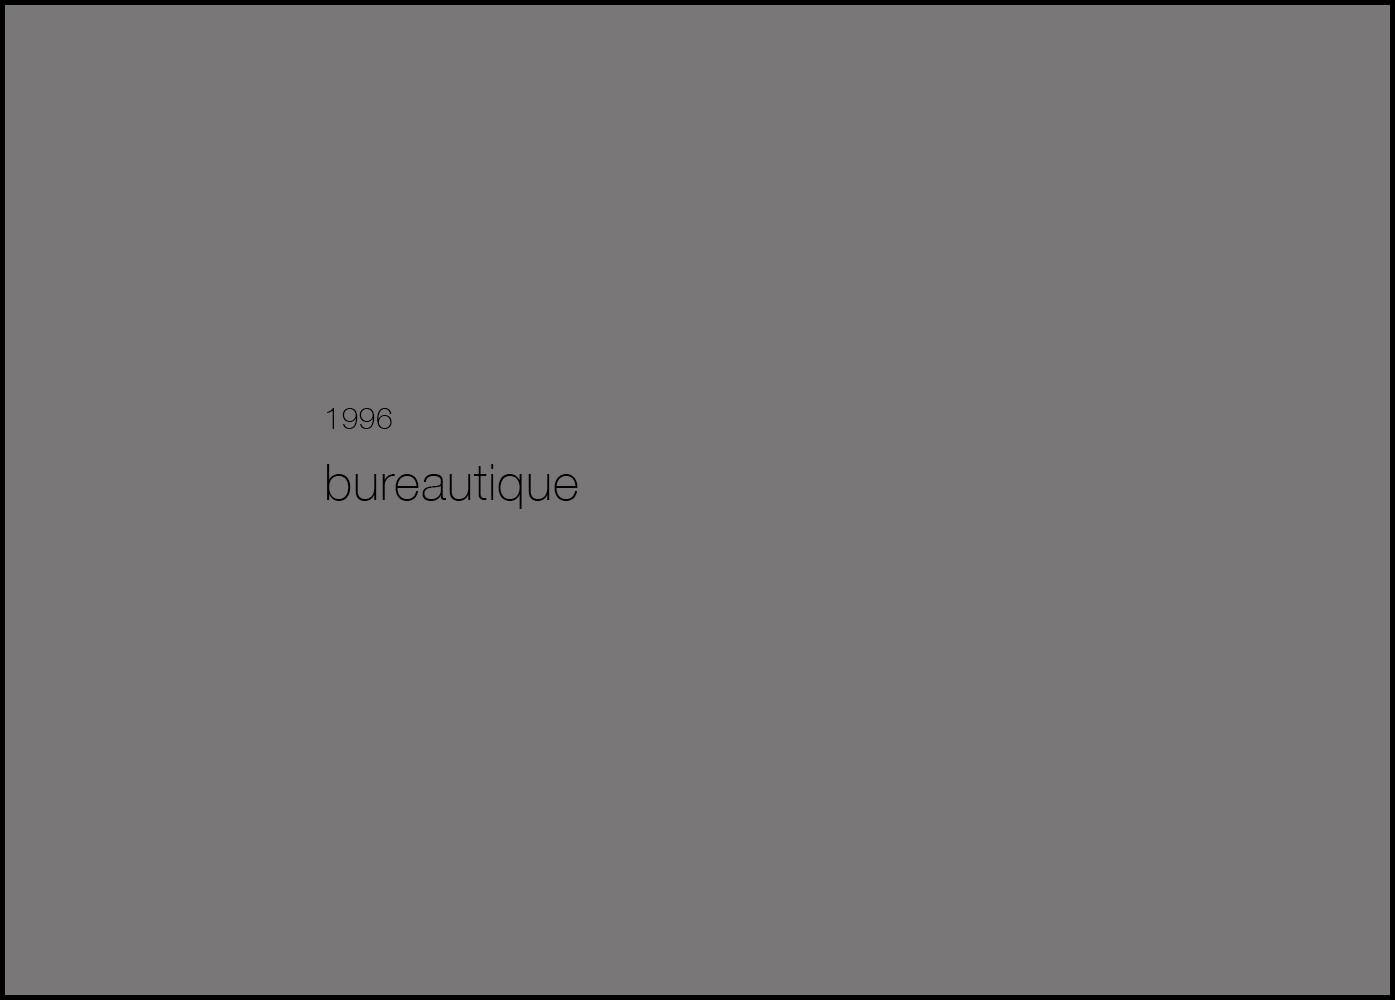 01_1996-Duriez00